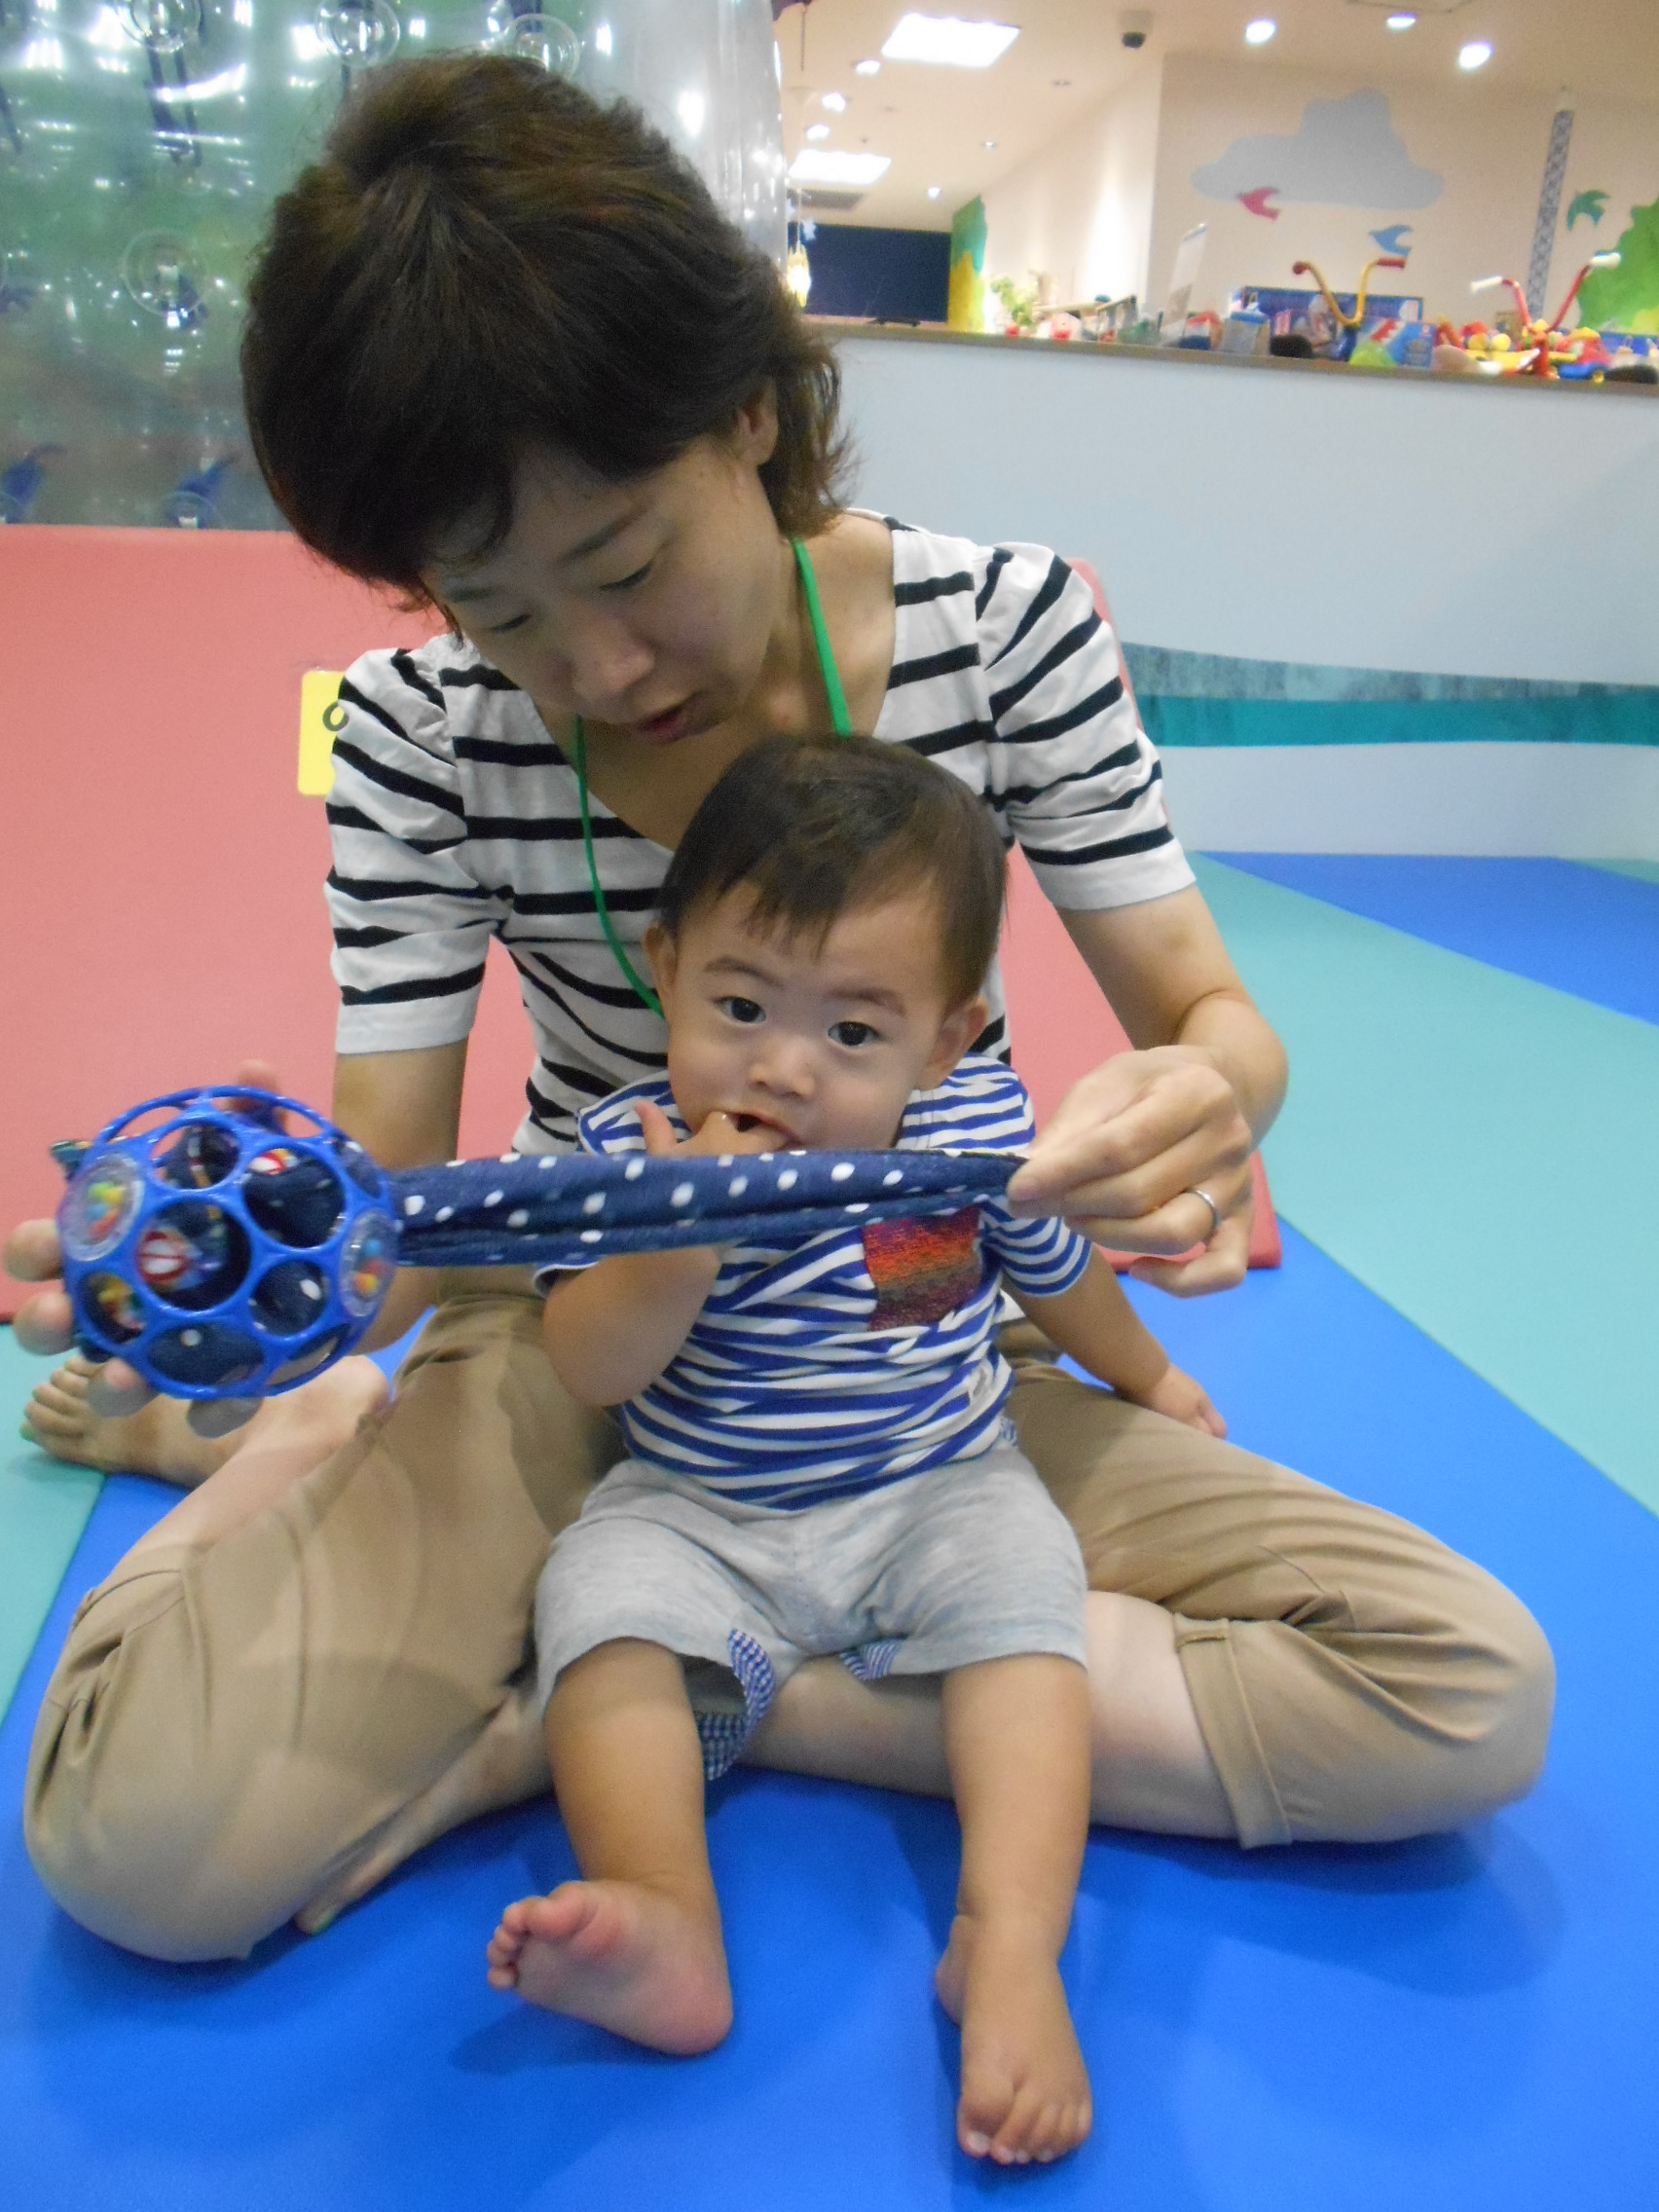 9月1日(木)の赤ちゃんの日イベント開催のお知らせ